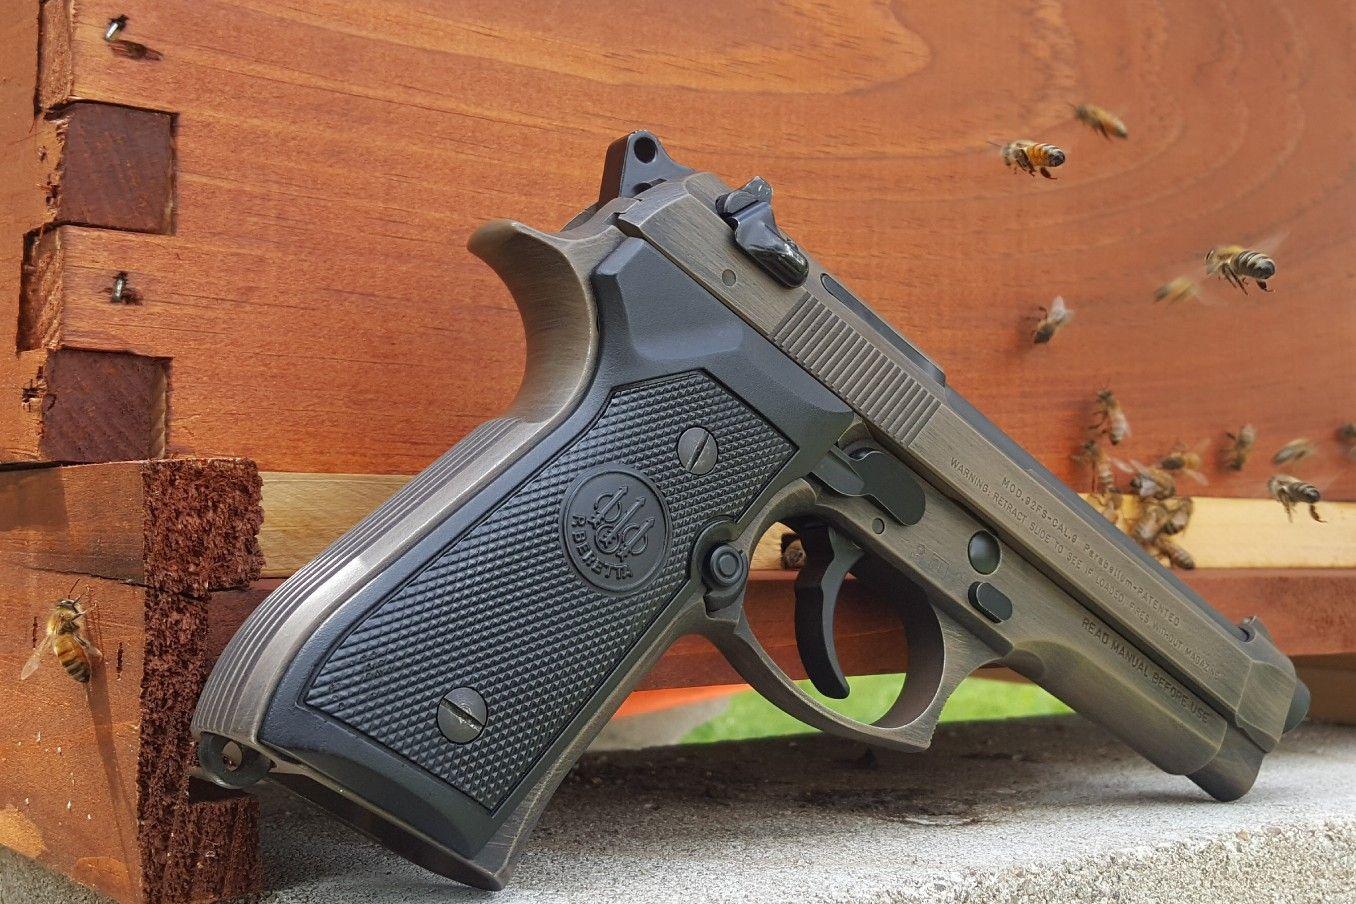 Beretta 92fs, FDE, cerakote | cerakote | Guns, Hand guns